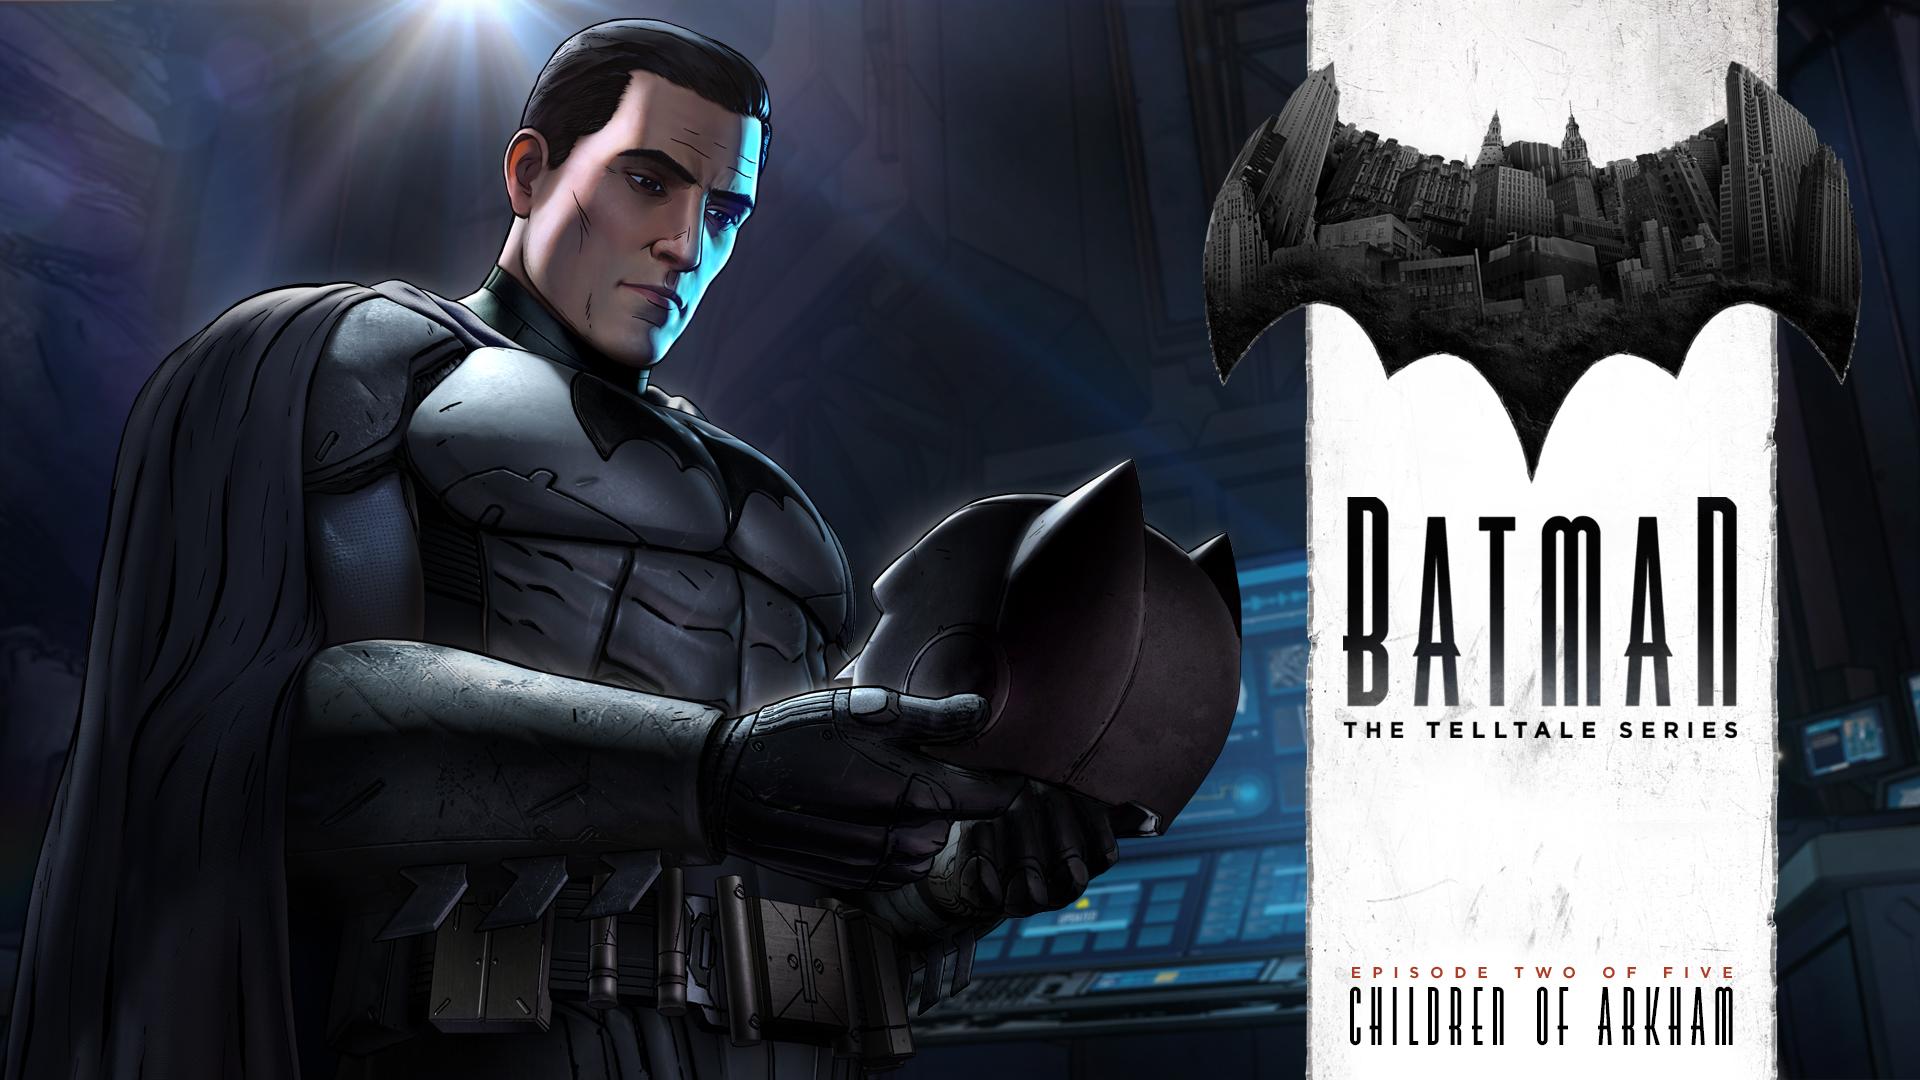 El segundo episodio Children of Arkham de Batman The Telltale Series ya tiene fecha de publicación